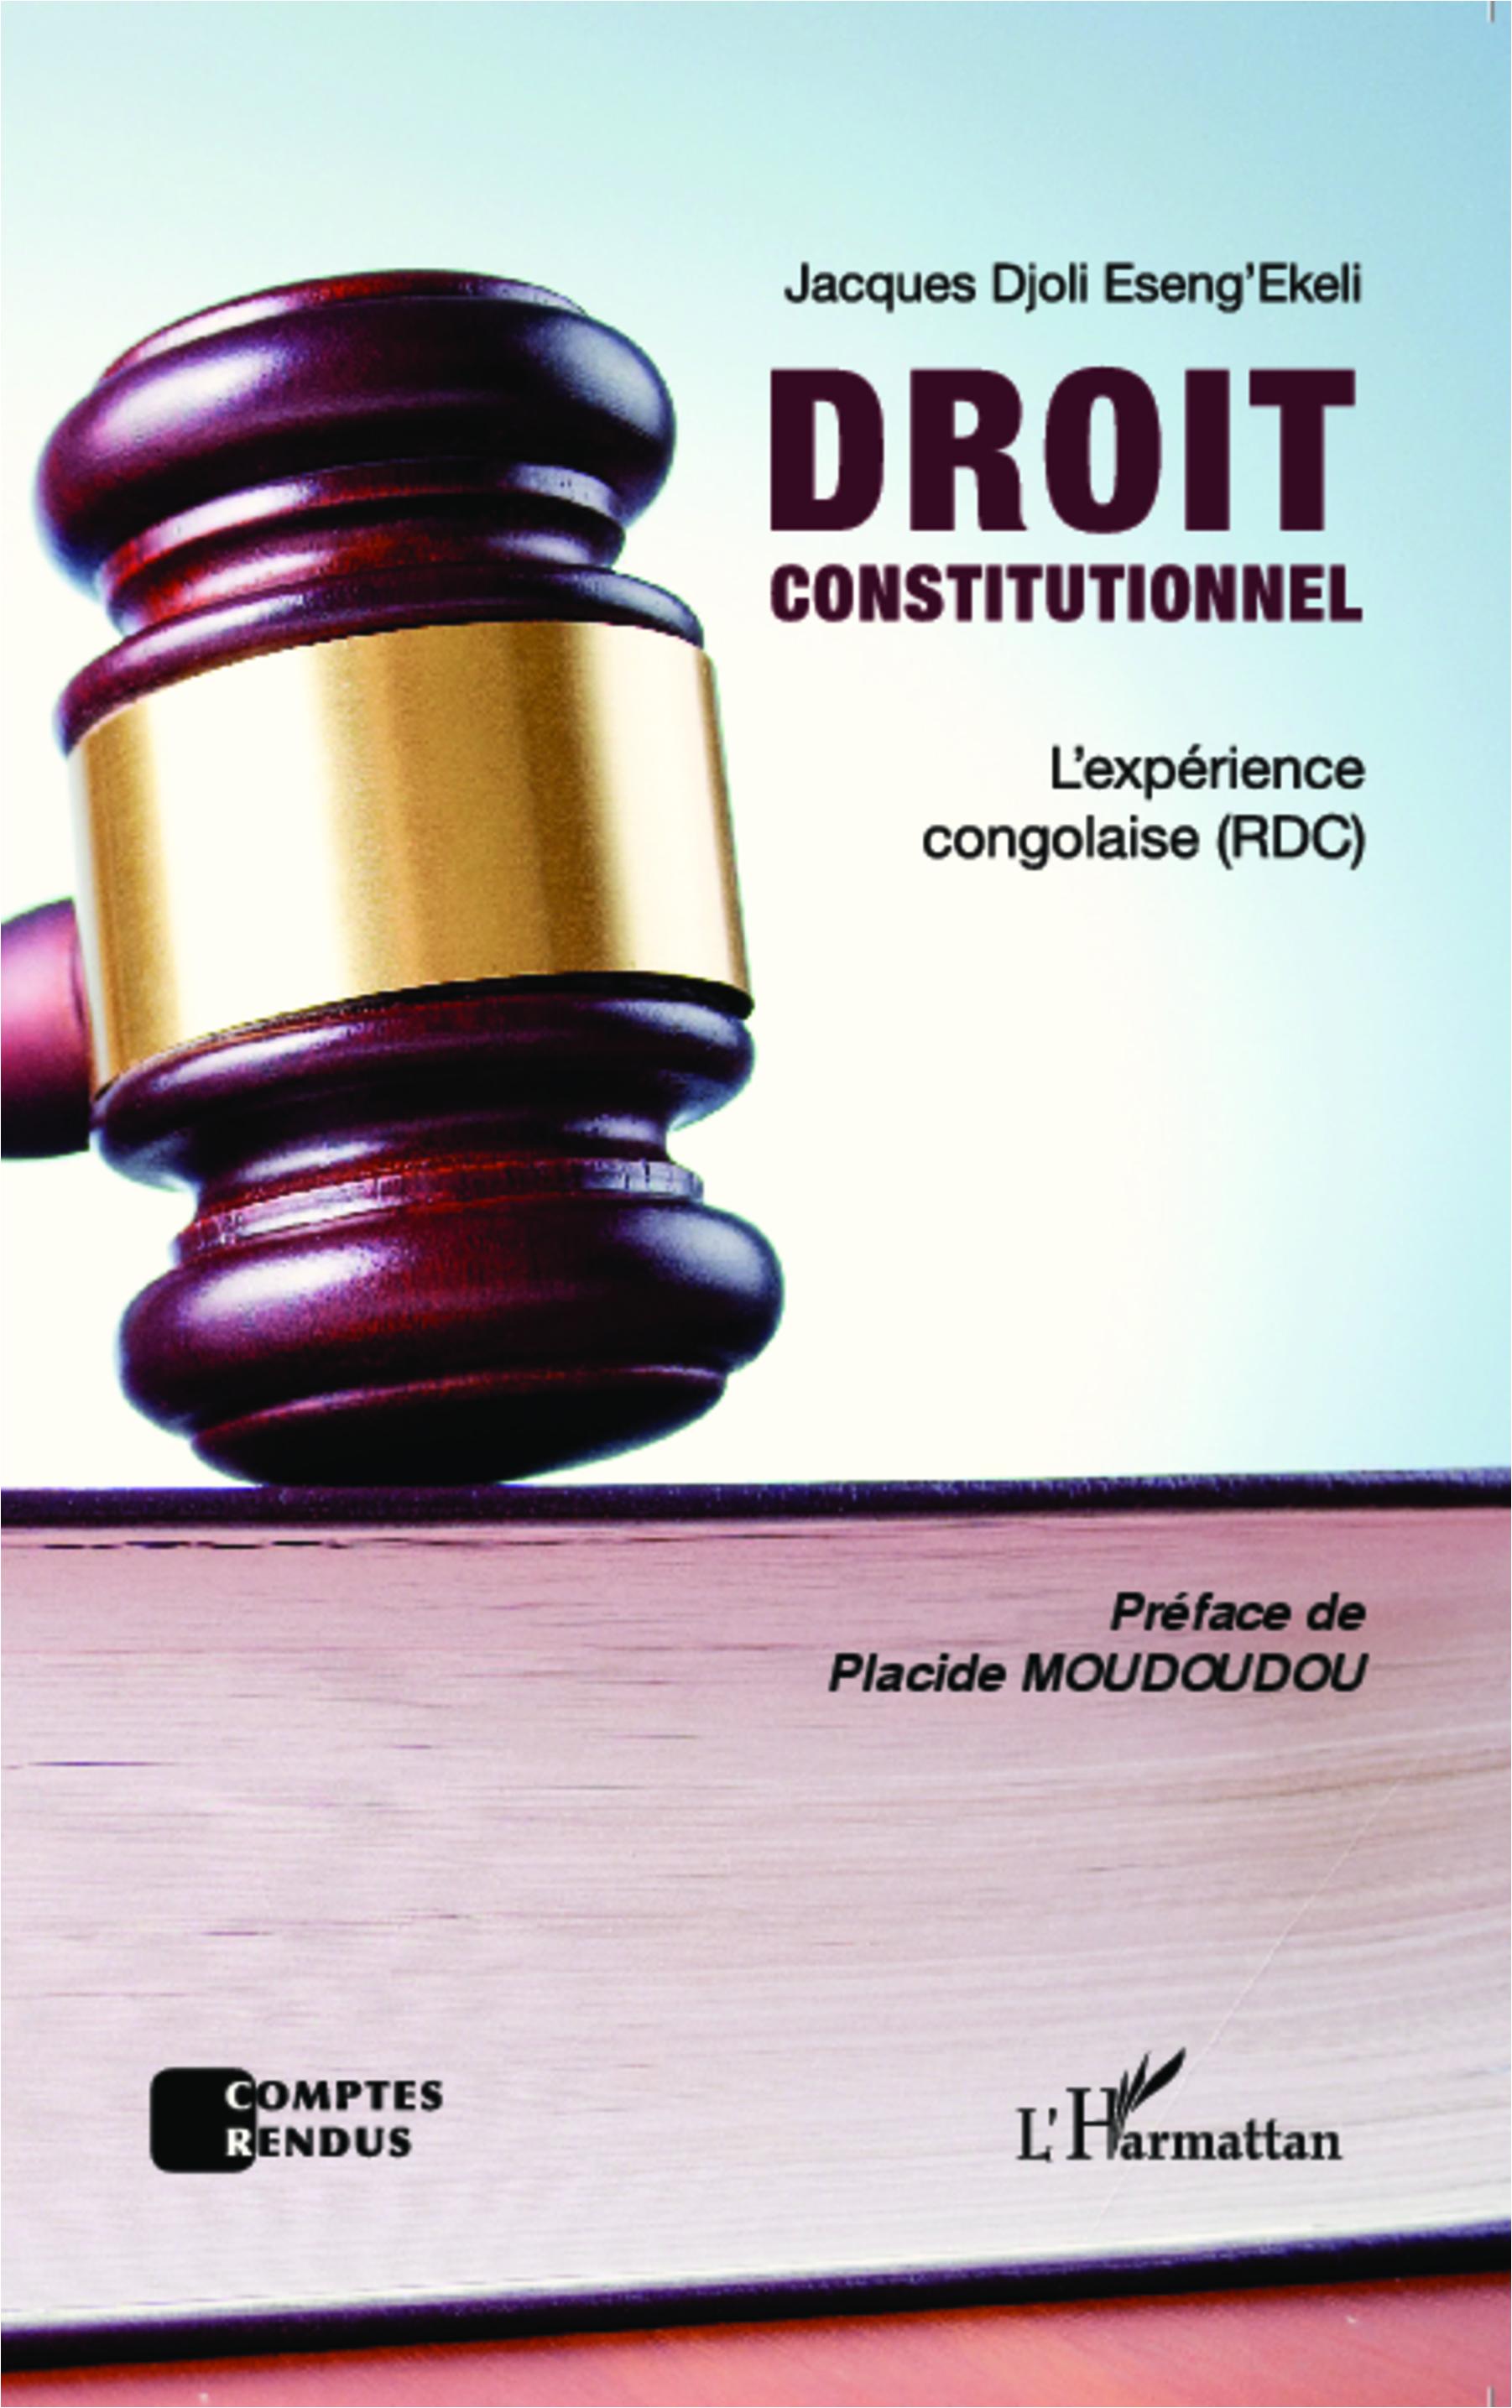 DROIT CONSTITUTIONNEL - L'expérience congolaise (RDC ...